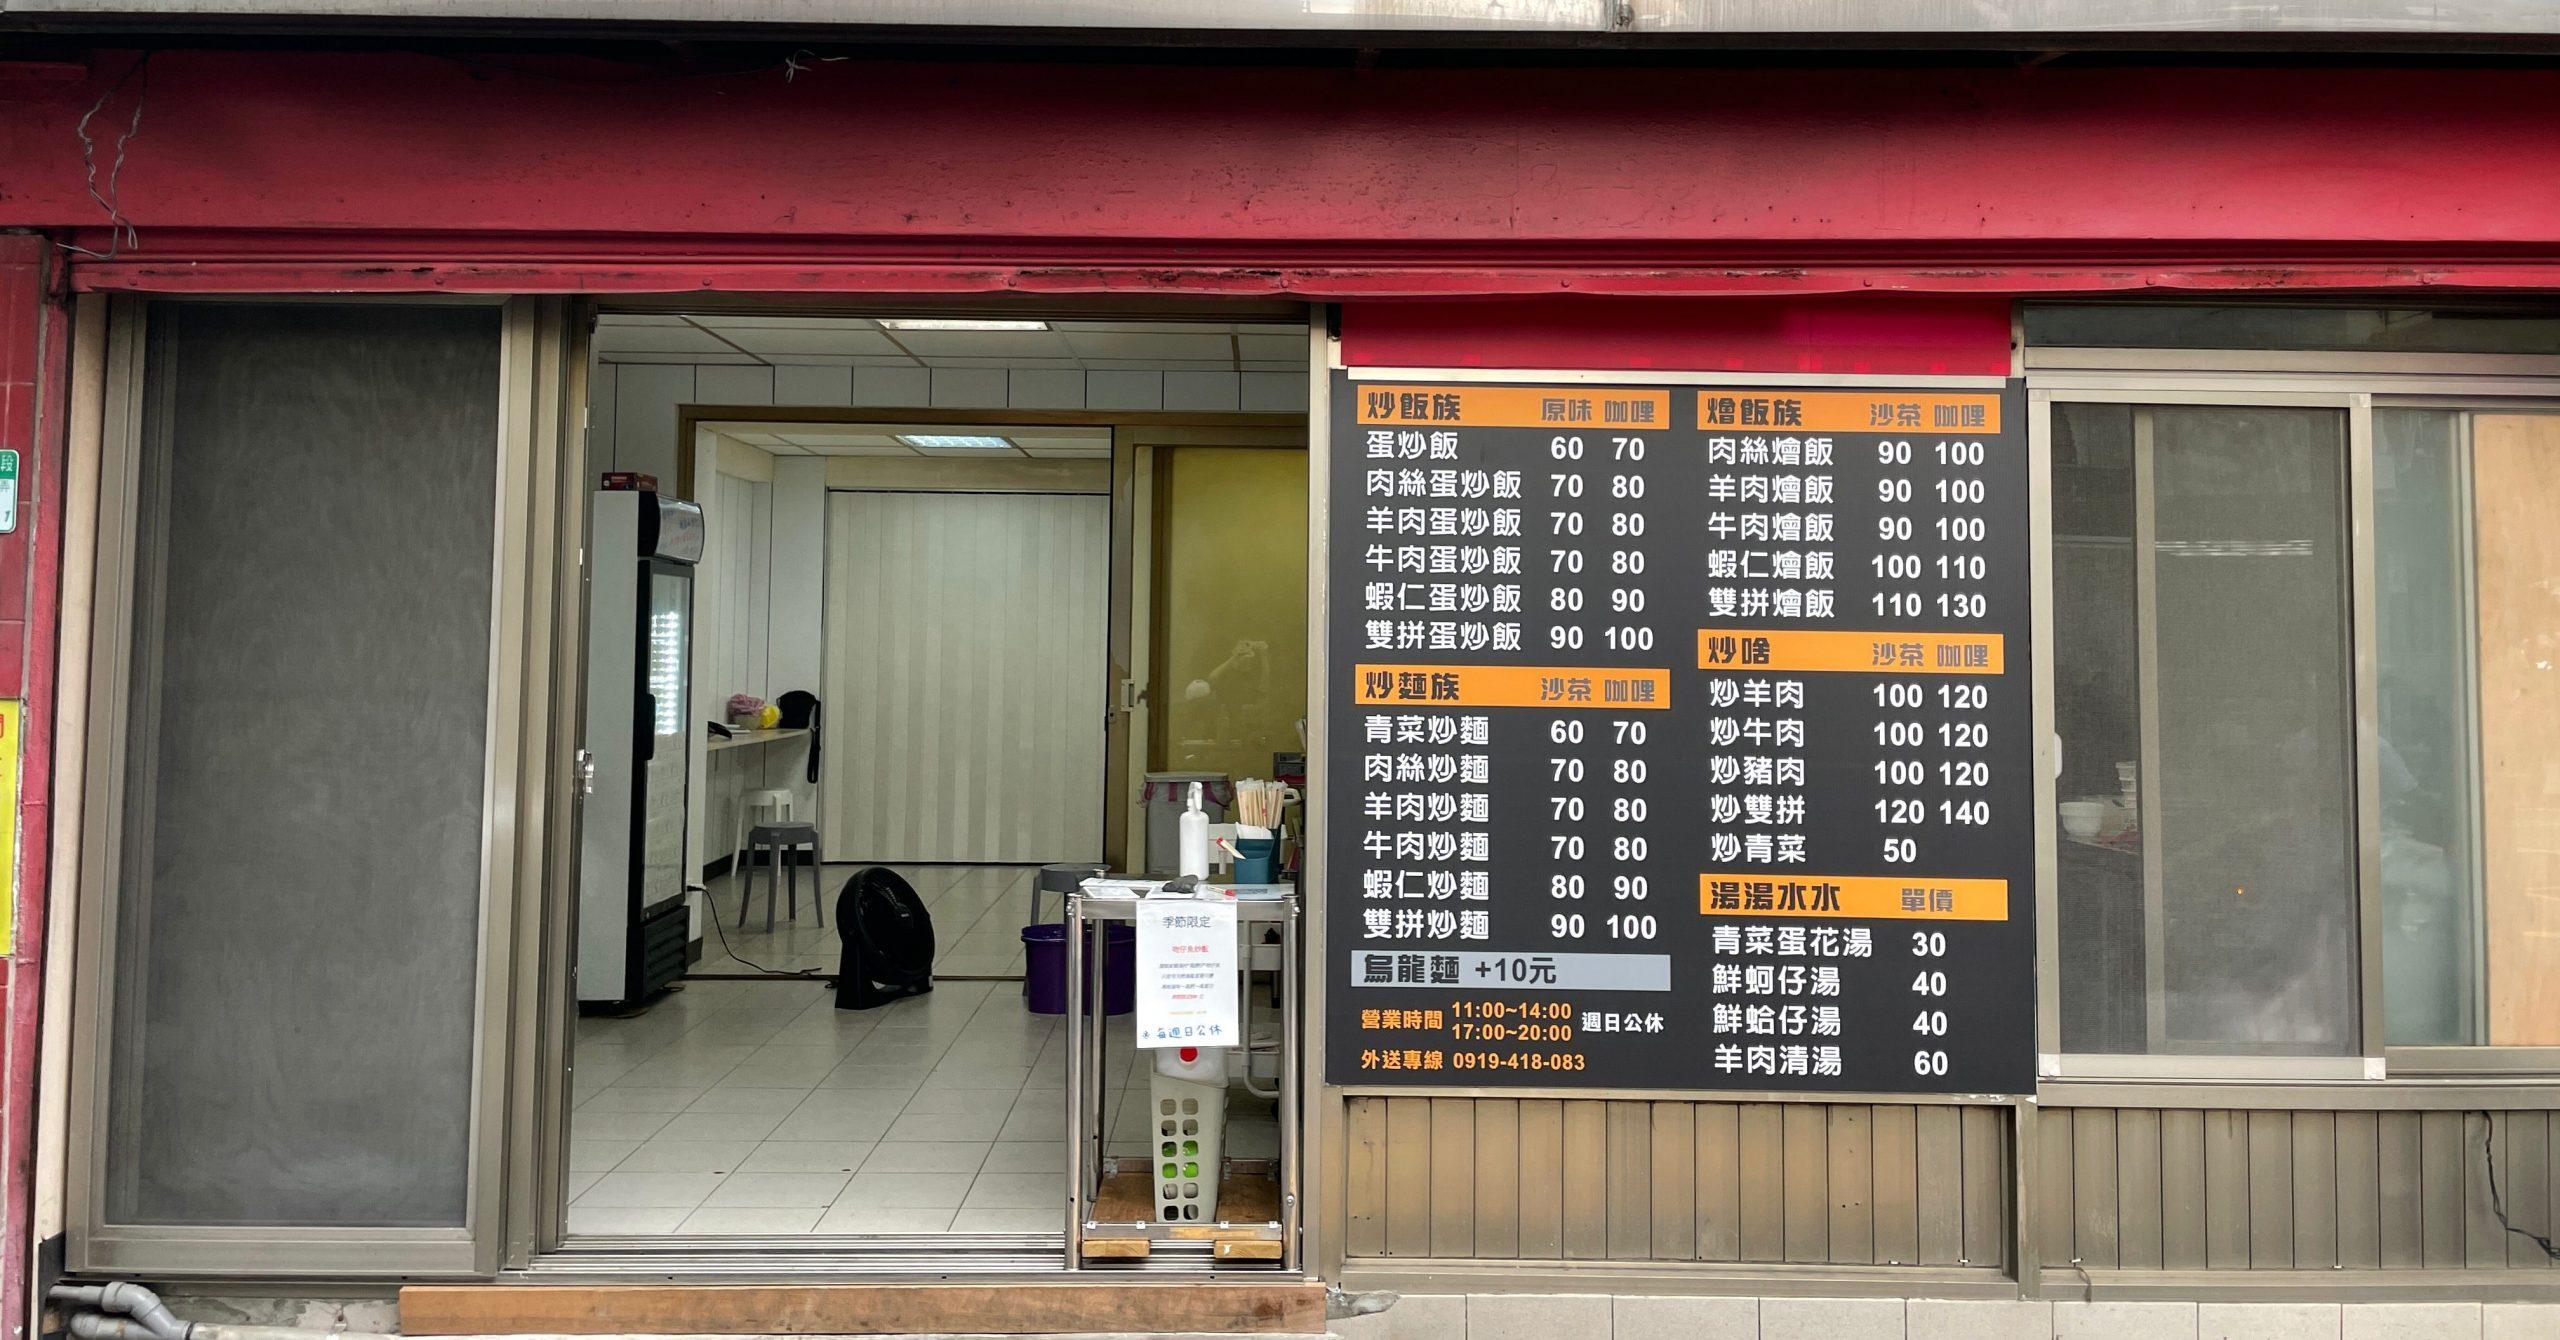 【社子美食】吾名炒飯,低調的高評價社子炒飯店 (菜單)